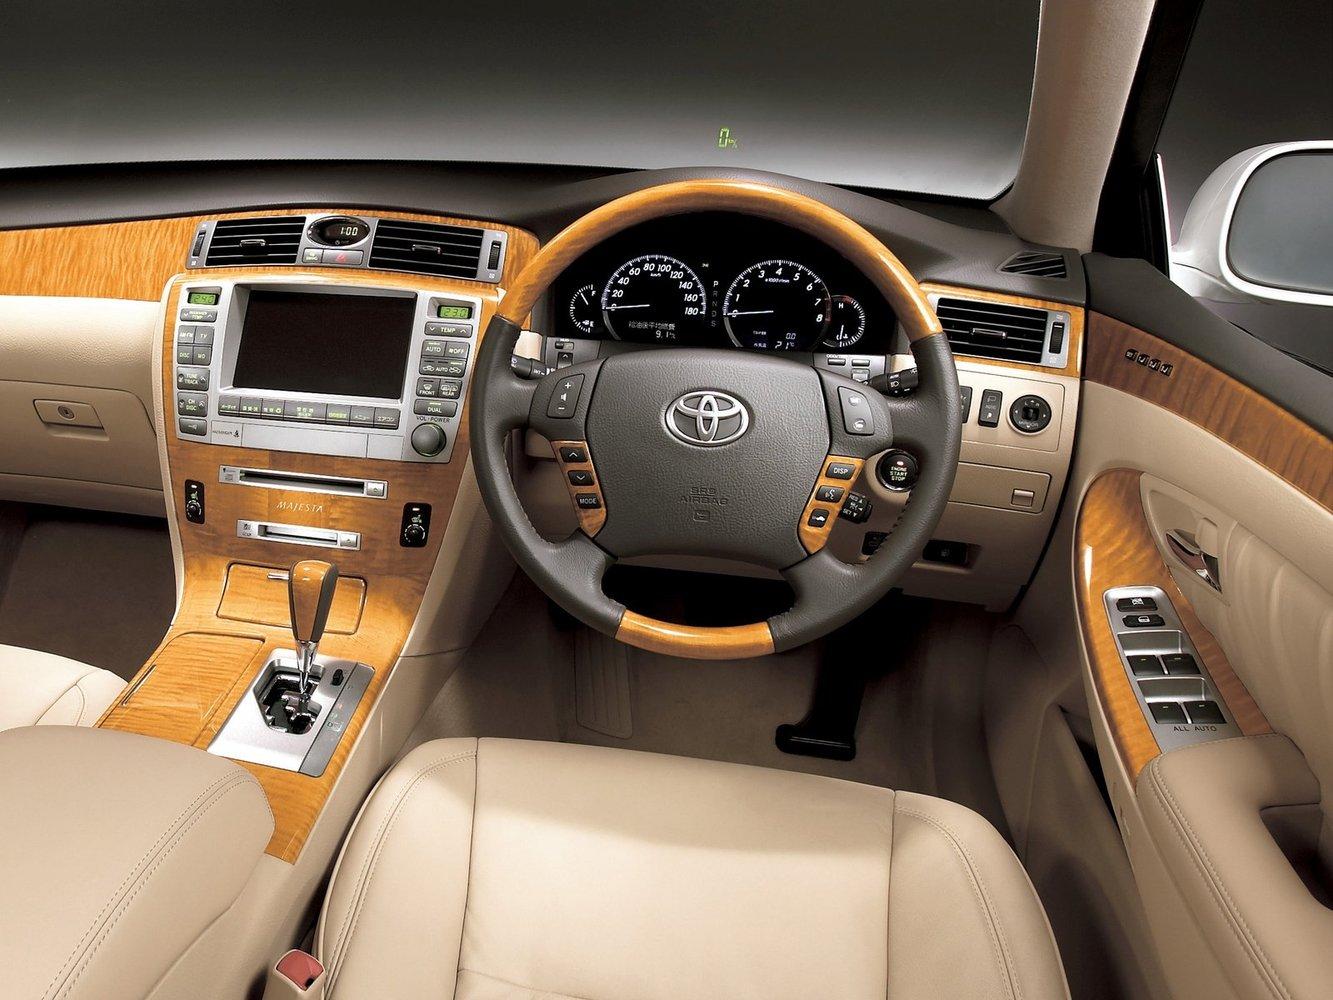 Автомобили Toyota (Тойота) - Продажа, Цены, Отзывы, Фото ...